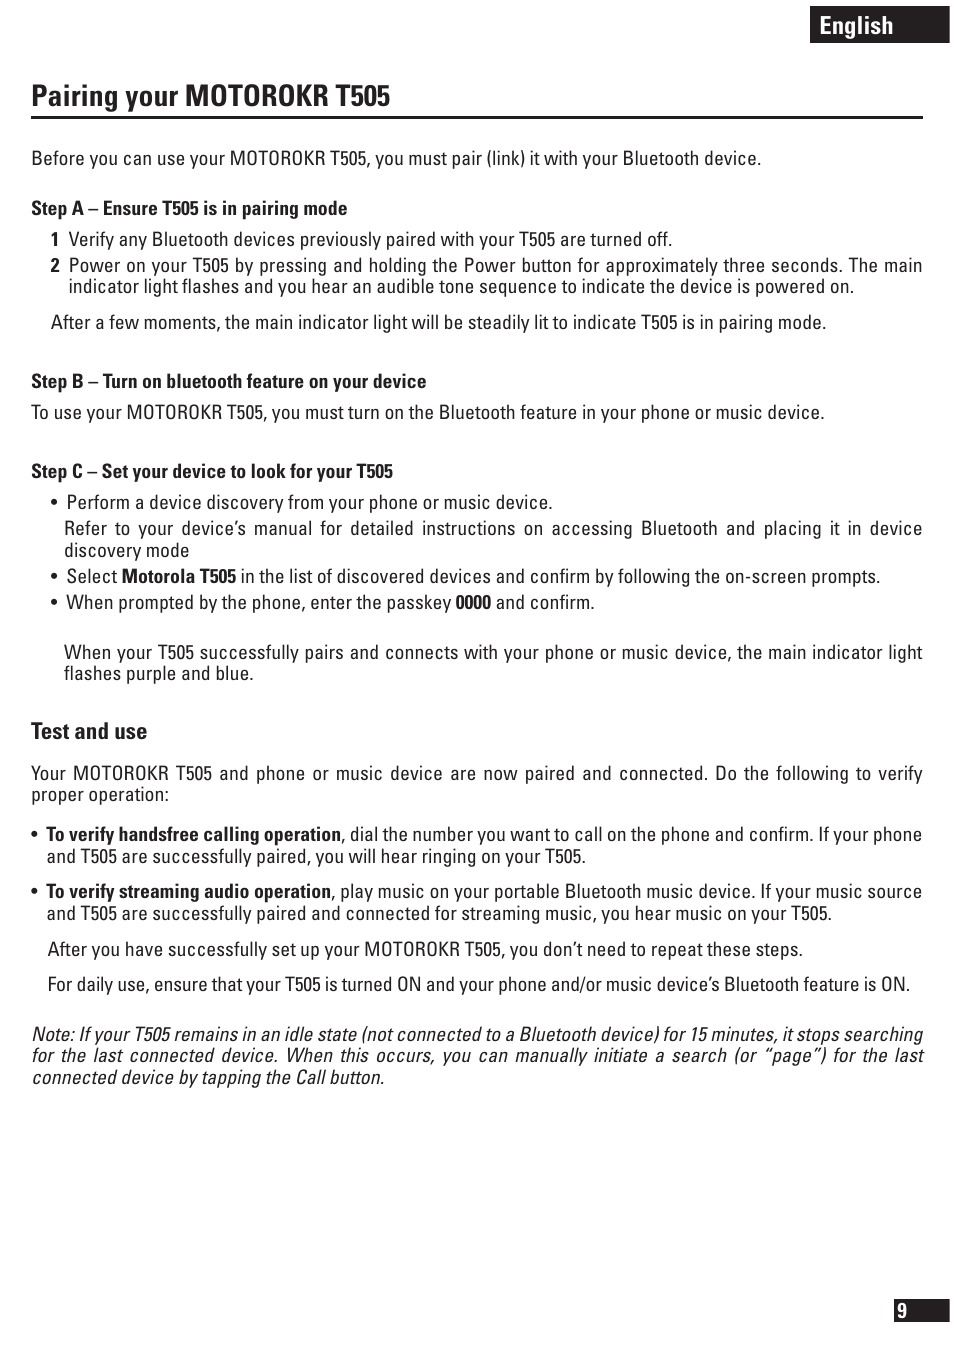 pairing your motorokr t505 english motorola t505 user manual rh manualsdir com motorola t505 user manual motorola t505 pairing mode